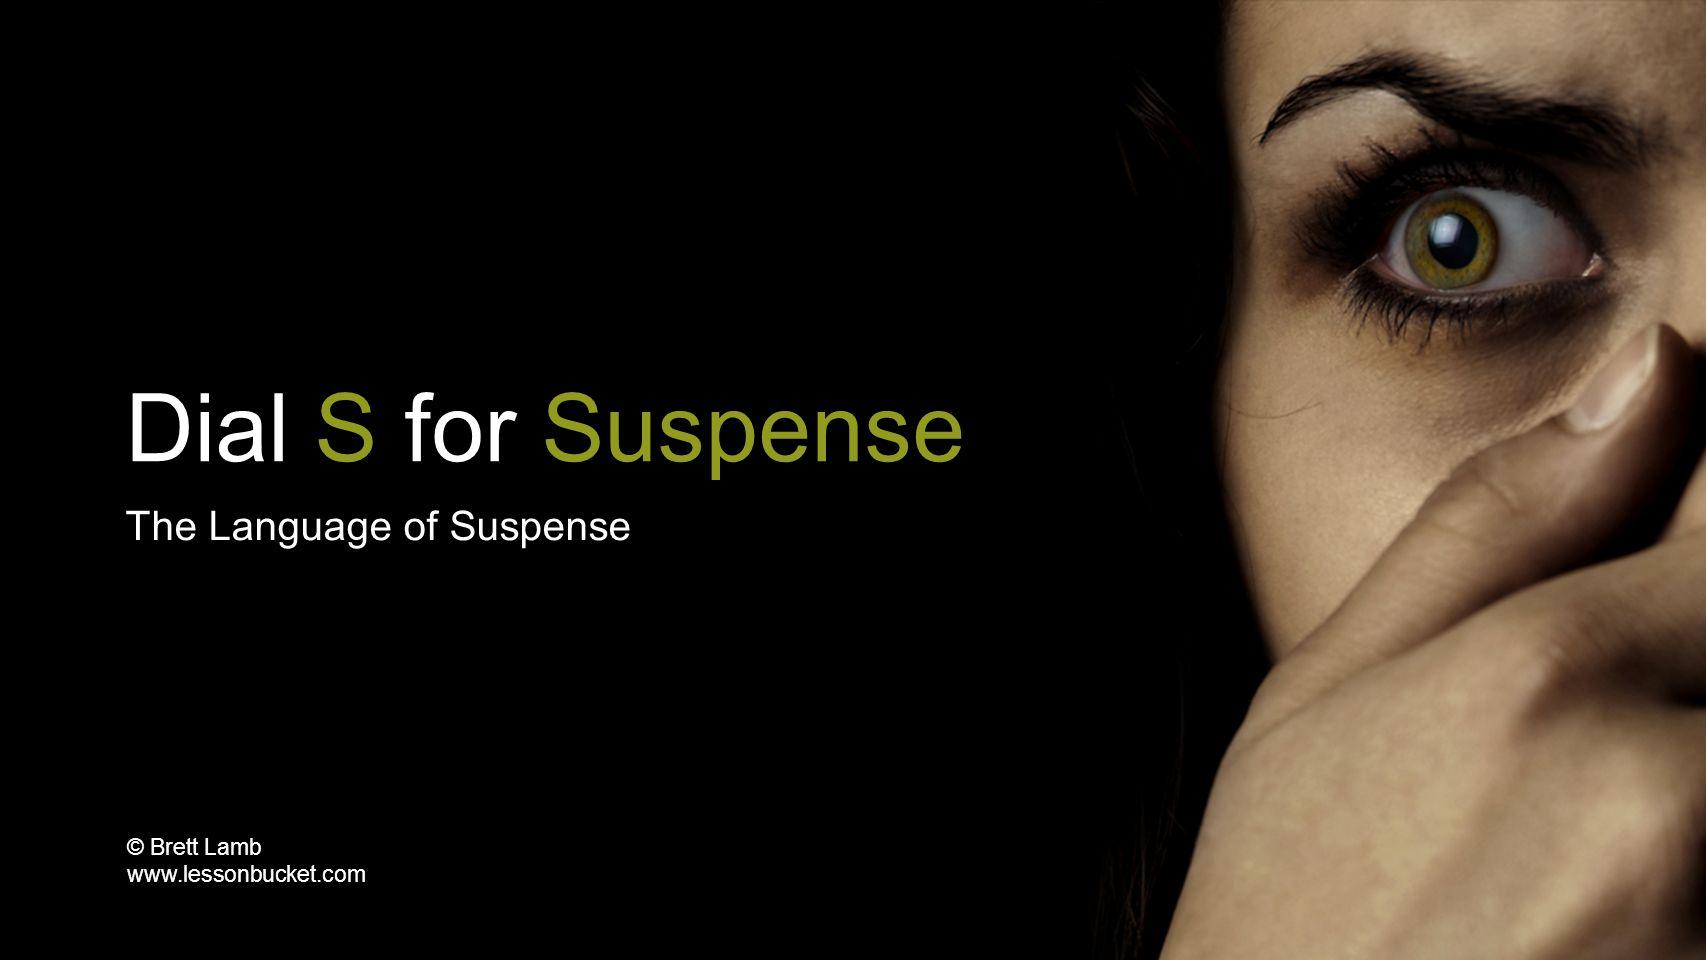 Dial S for Suspense The Language of Suspense © Brett Lamb www.lessonbucket.com